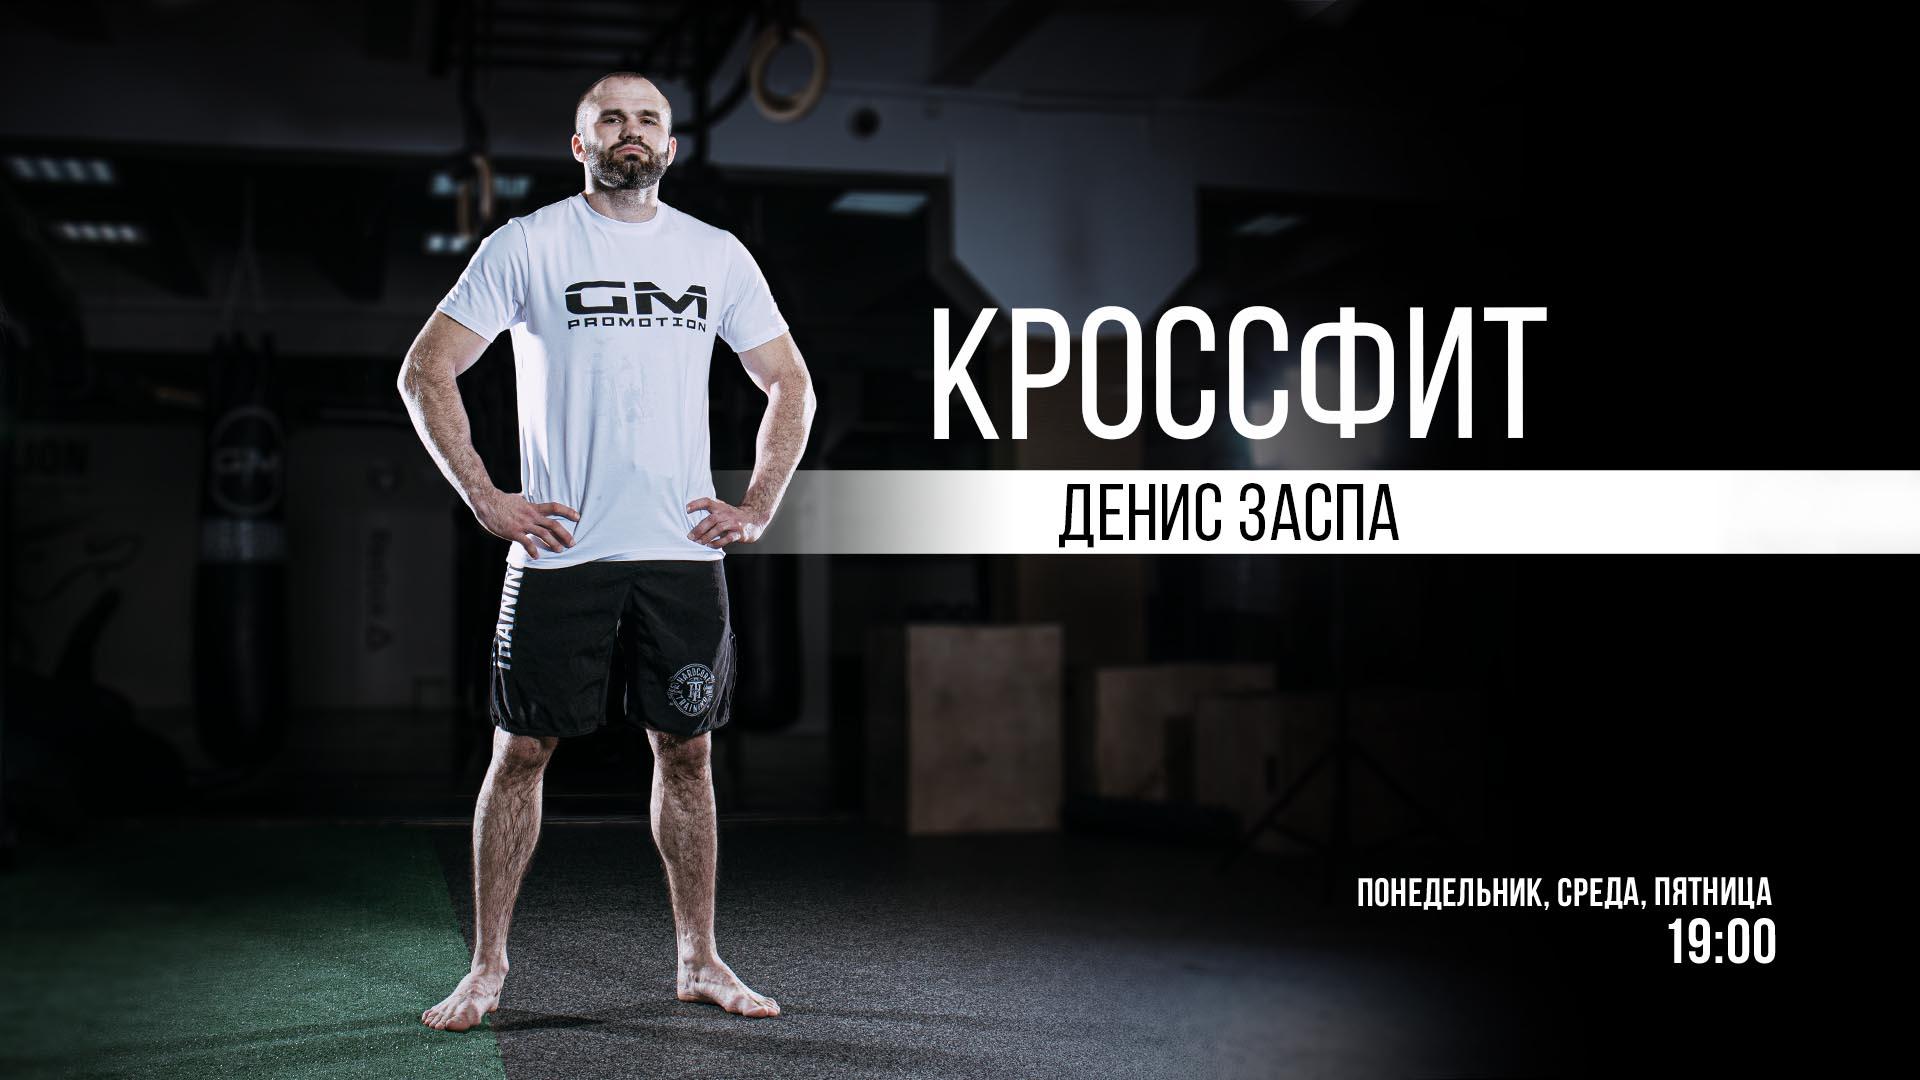 Денис Заспа (Тренер по кроссфиту GMGYM)